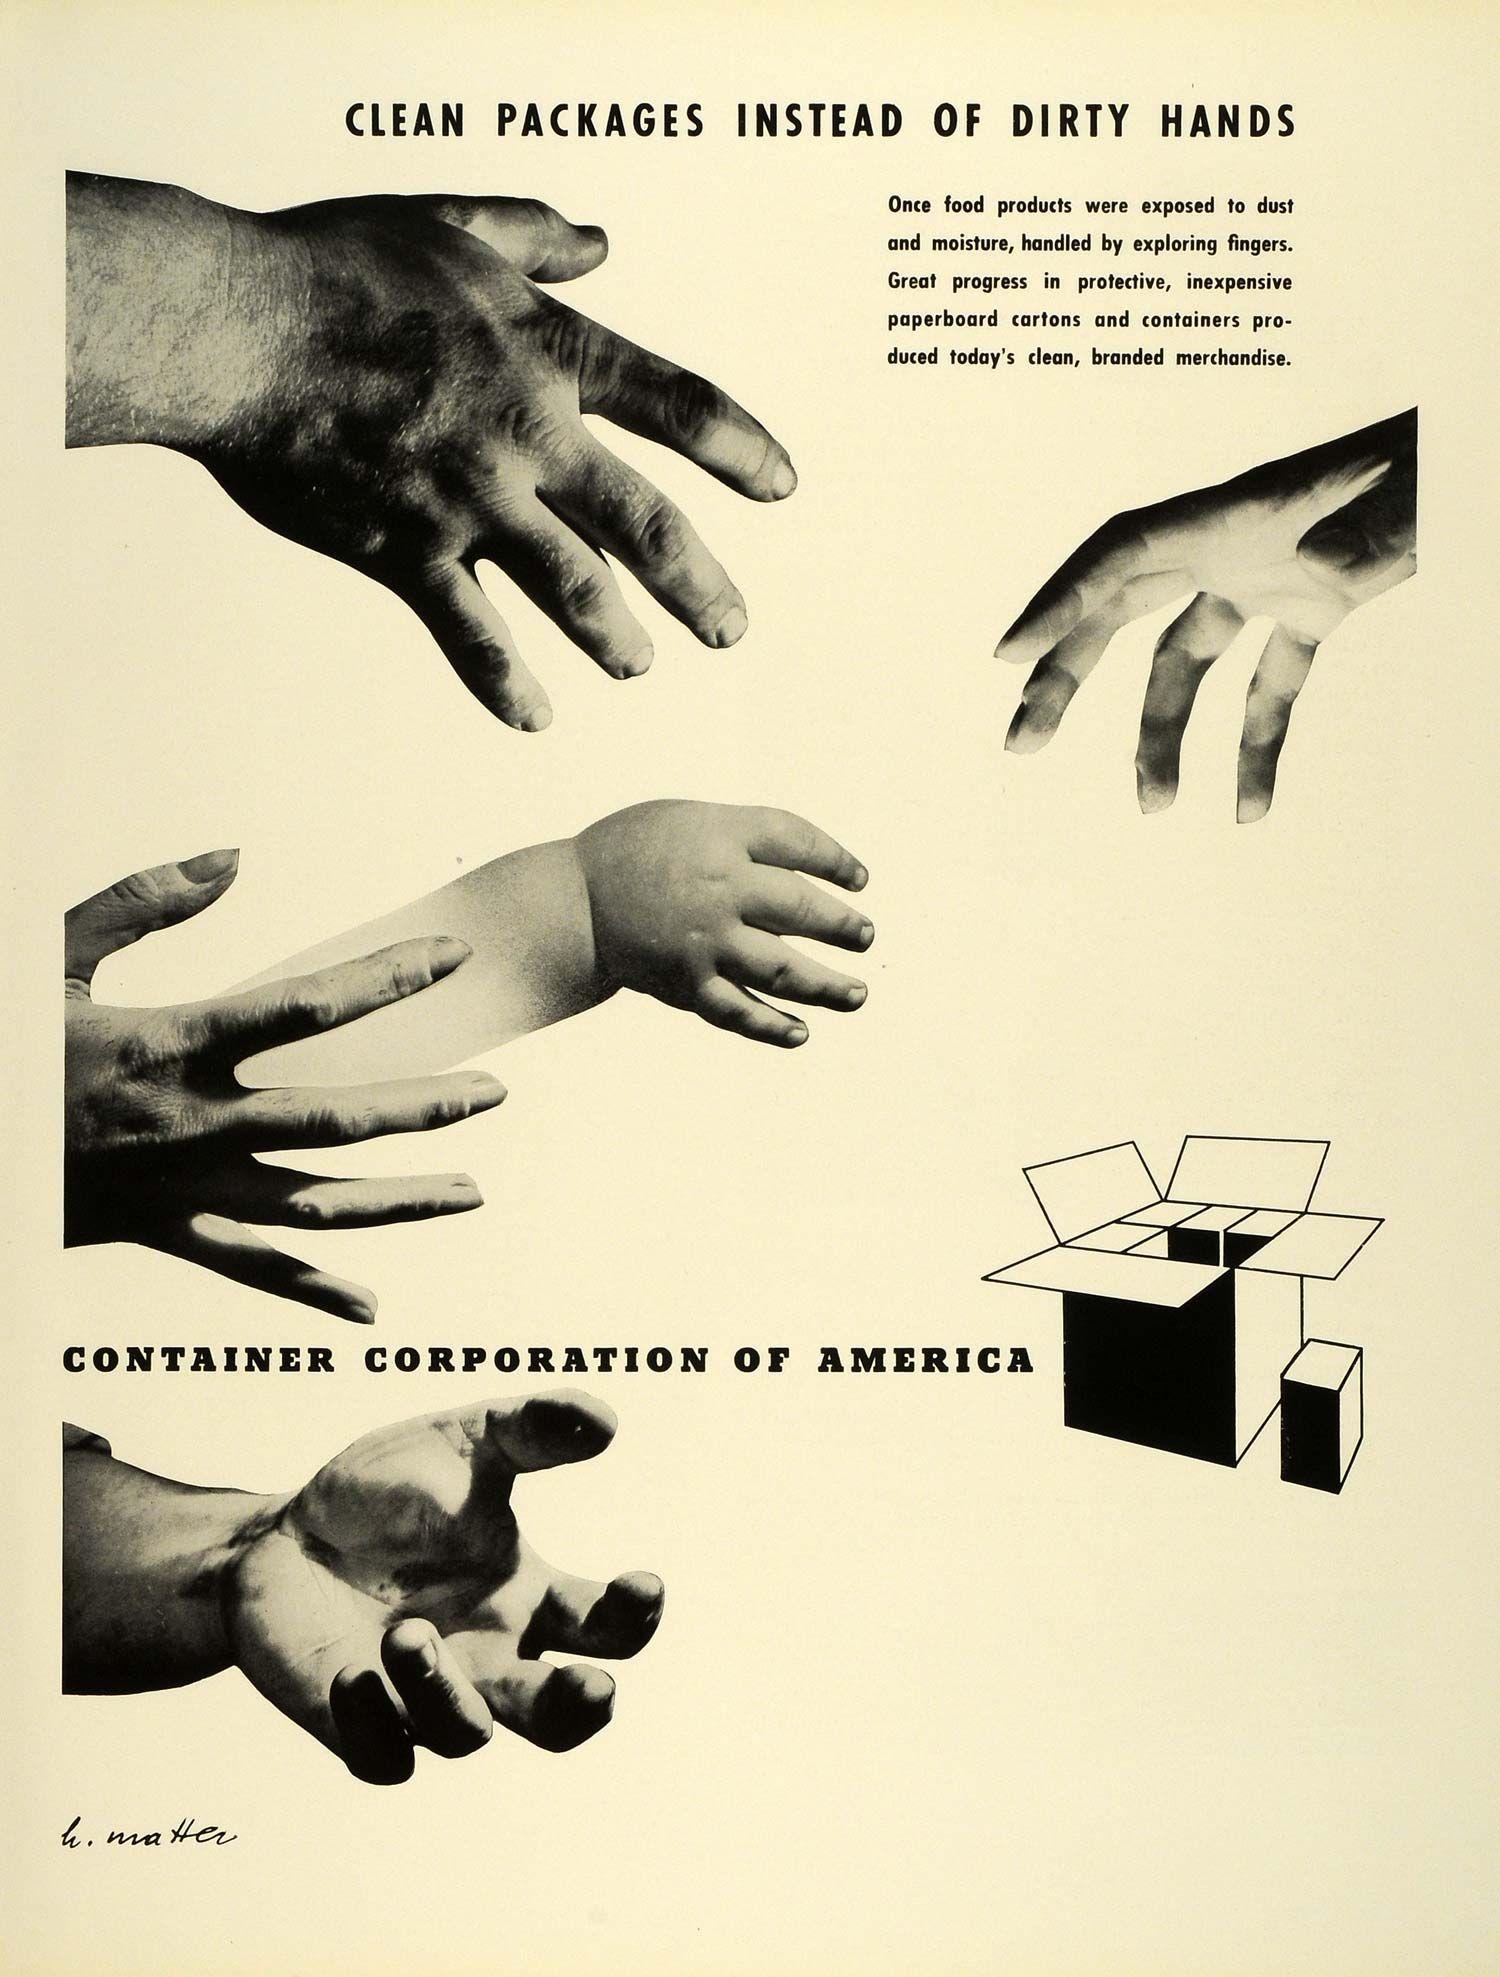 Container Corporation of America - Herbert Bayer & Herbert Matter